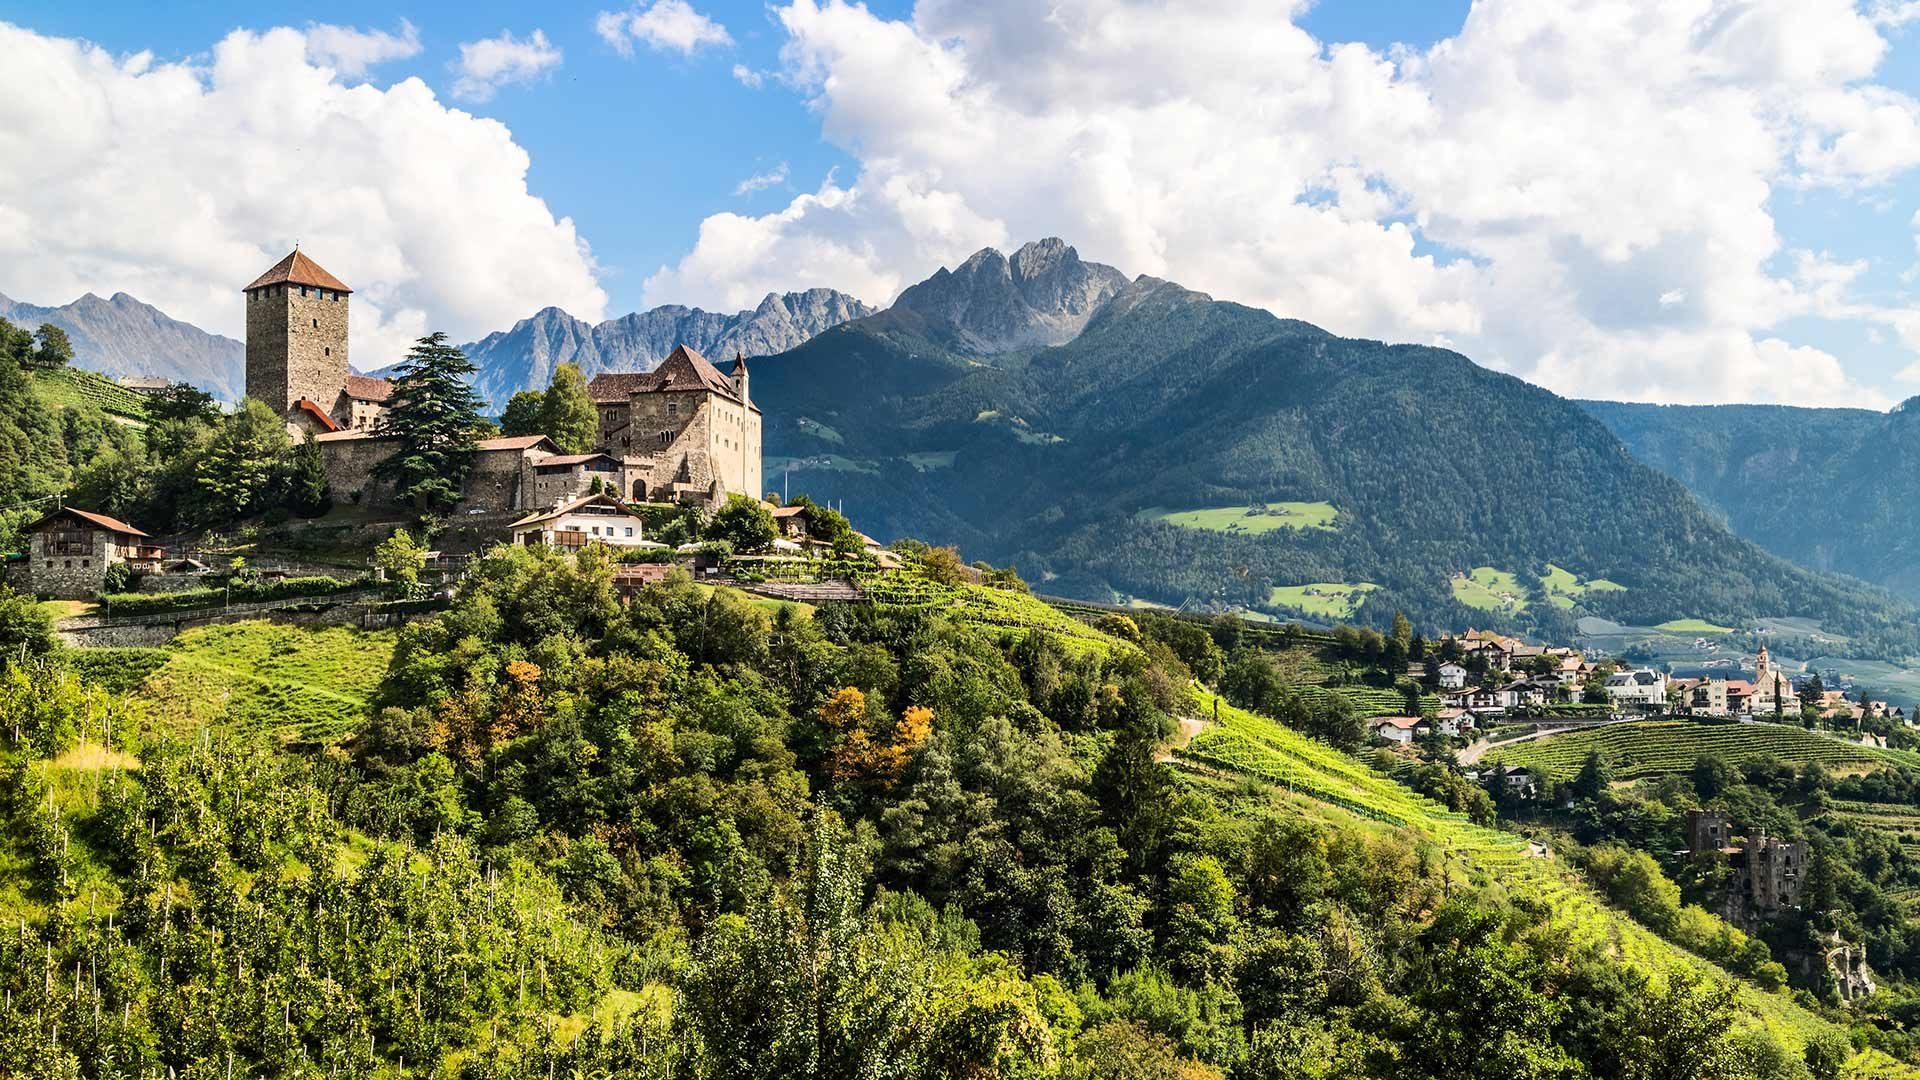 Castel Tirolo in Alto Adige